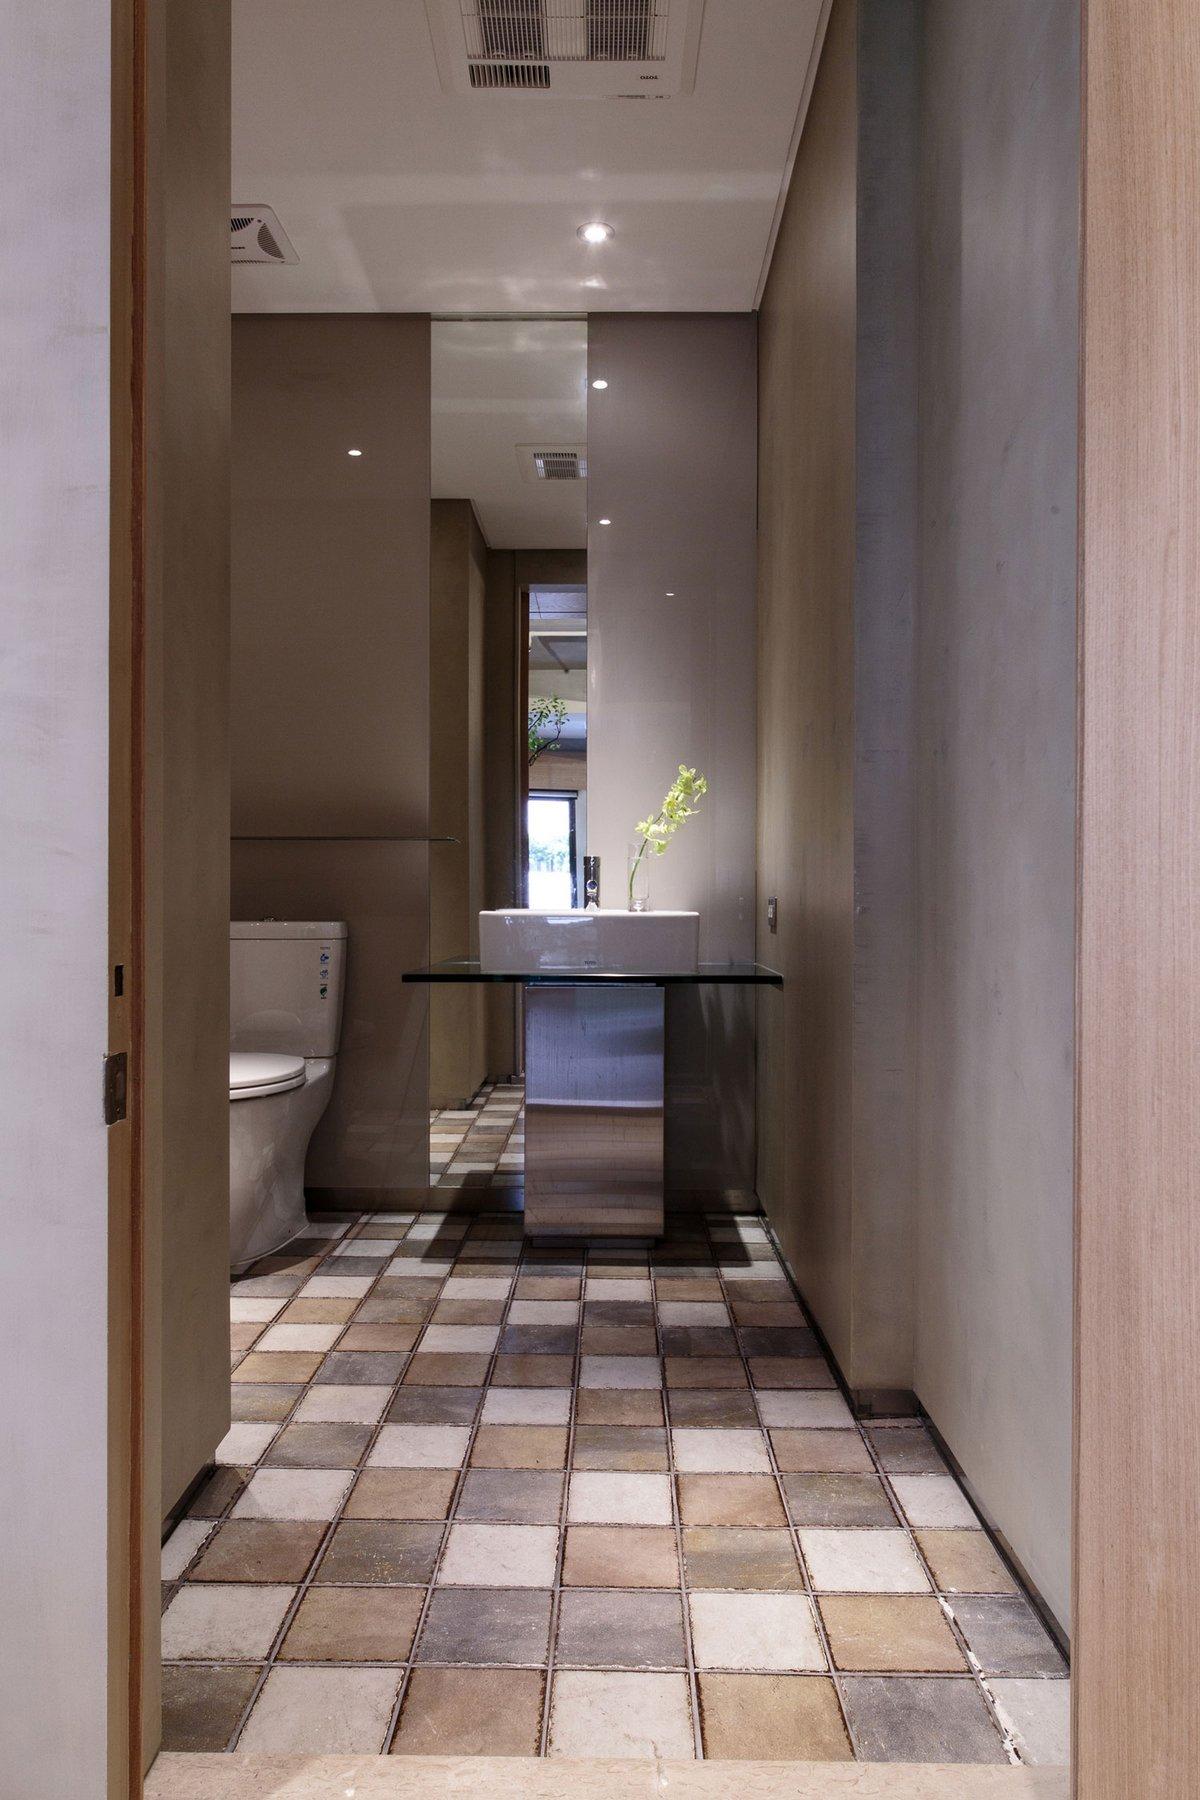 PMK+designers, Urban Retreat / Chou Residence, недвижимость в Гаосюн, частные дома в Тайване, дерево в интерьере, уютный интерьер частного дома